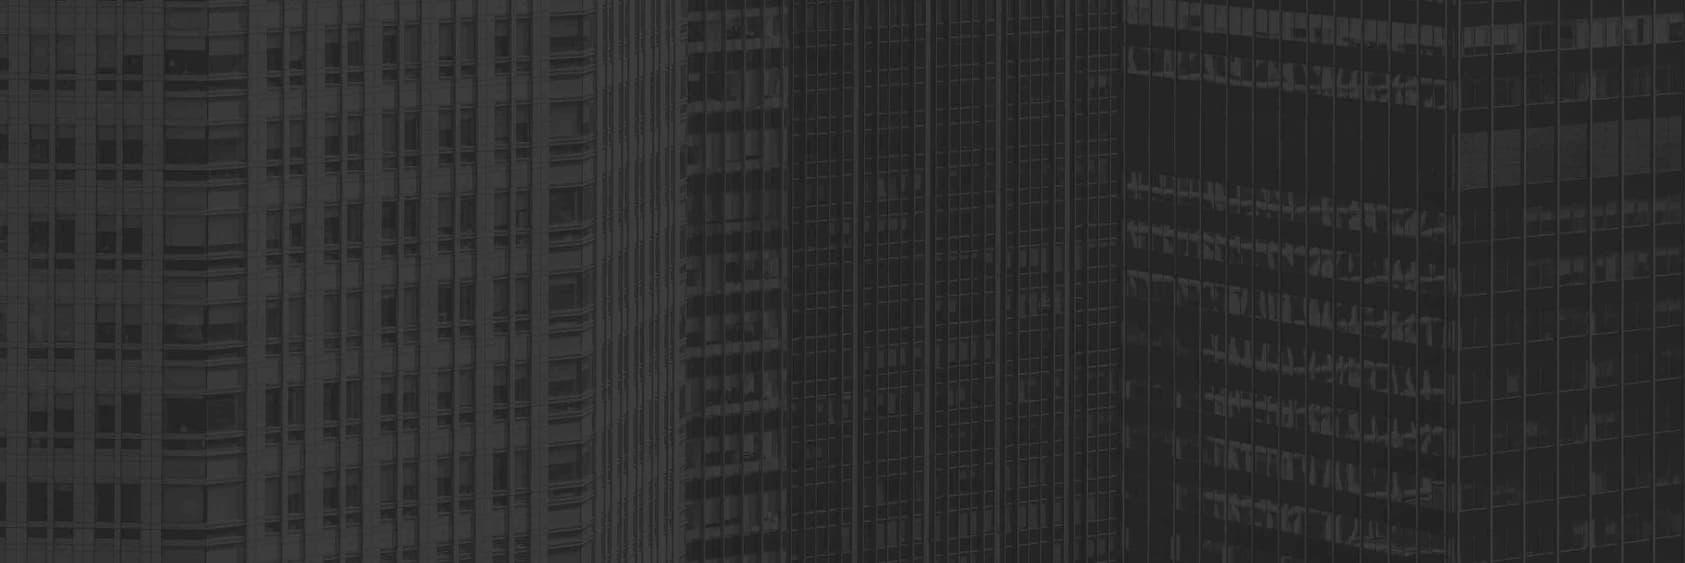 Dark Buildings Crop Flat